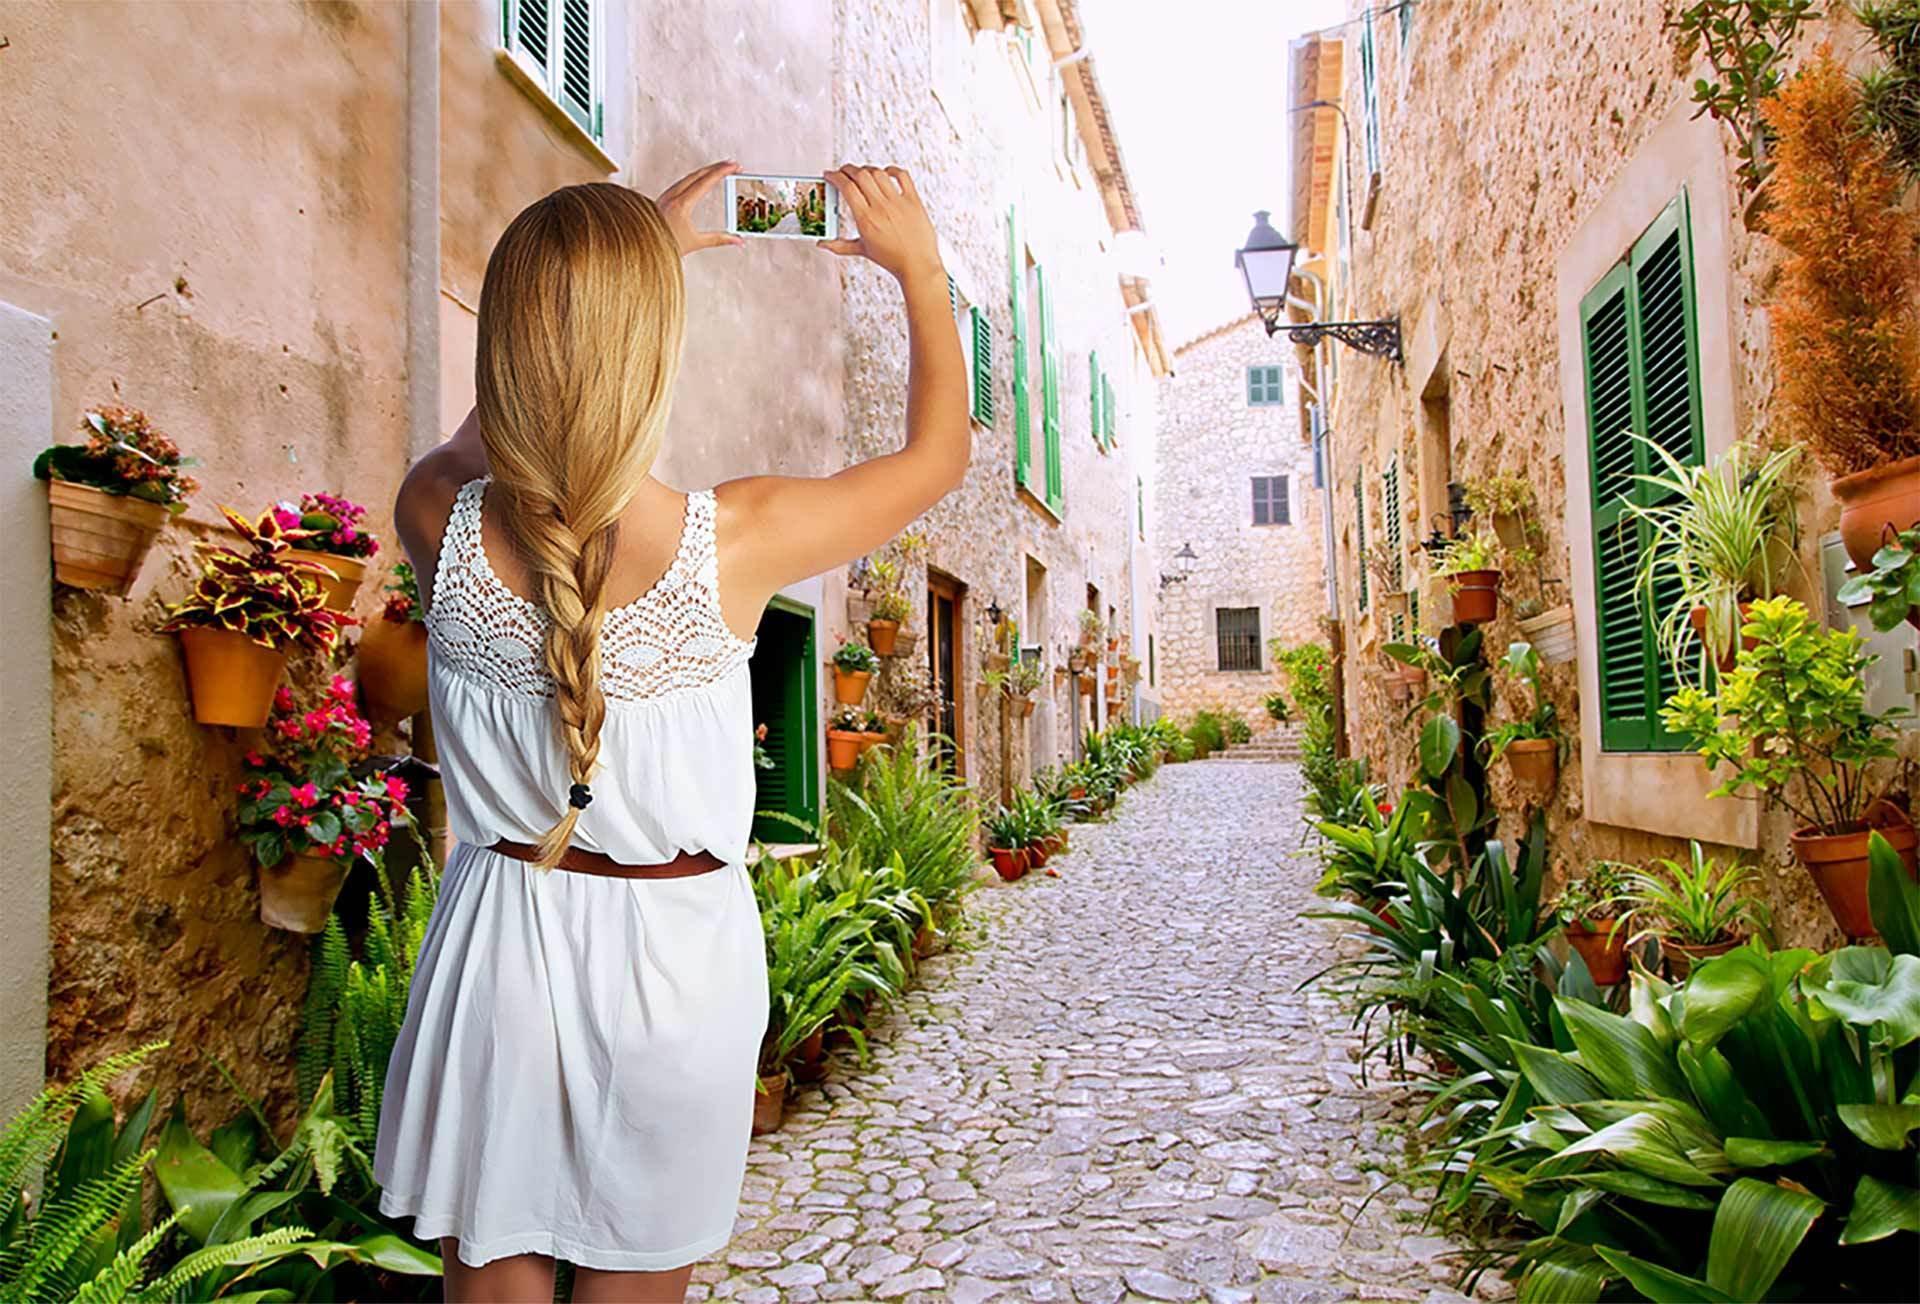 Girl Photo Street Valdemosa